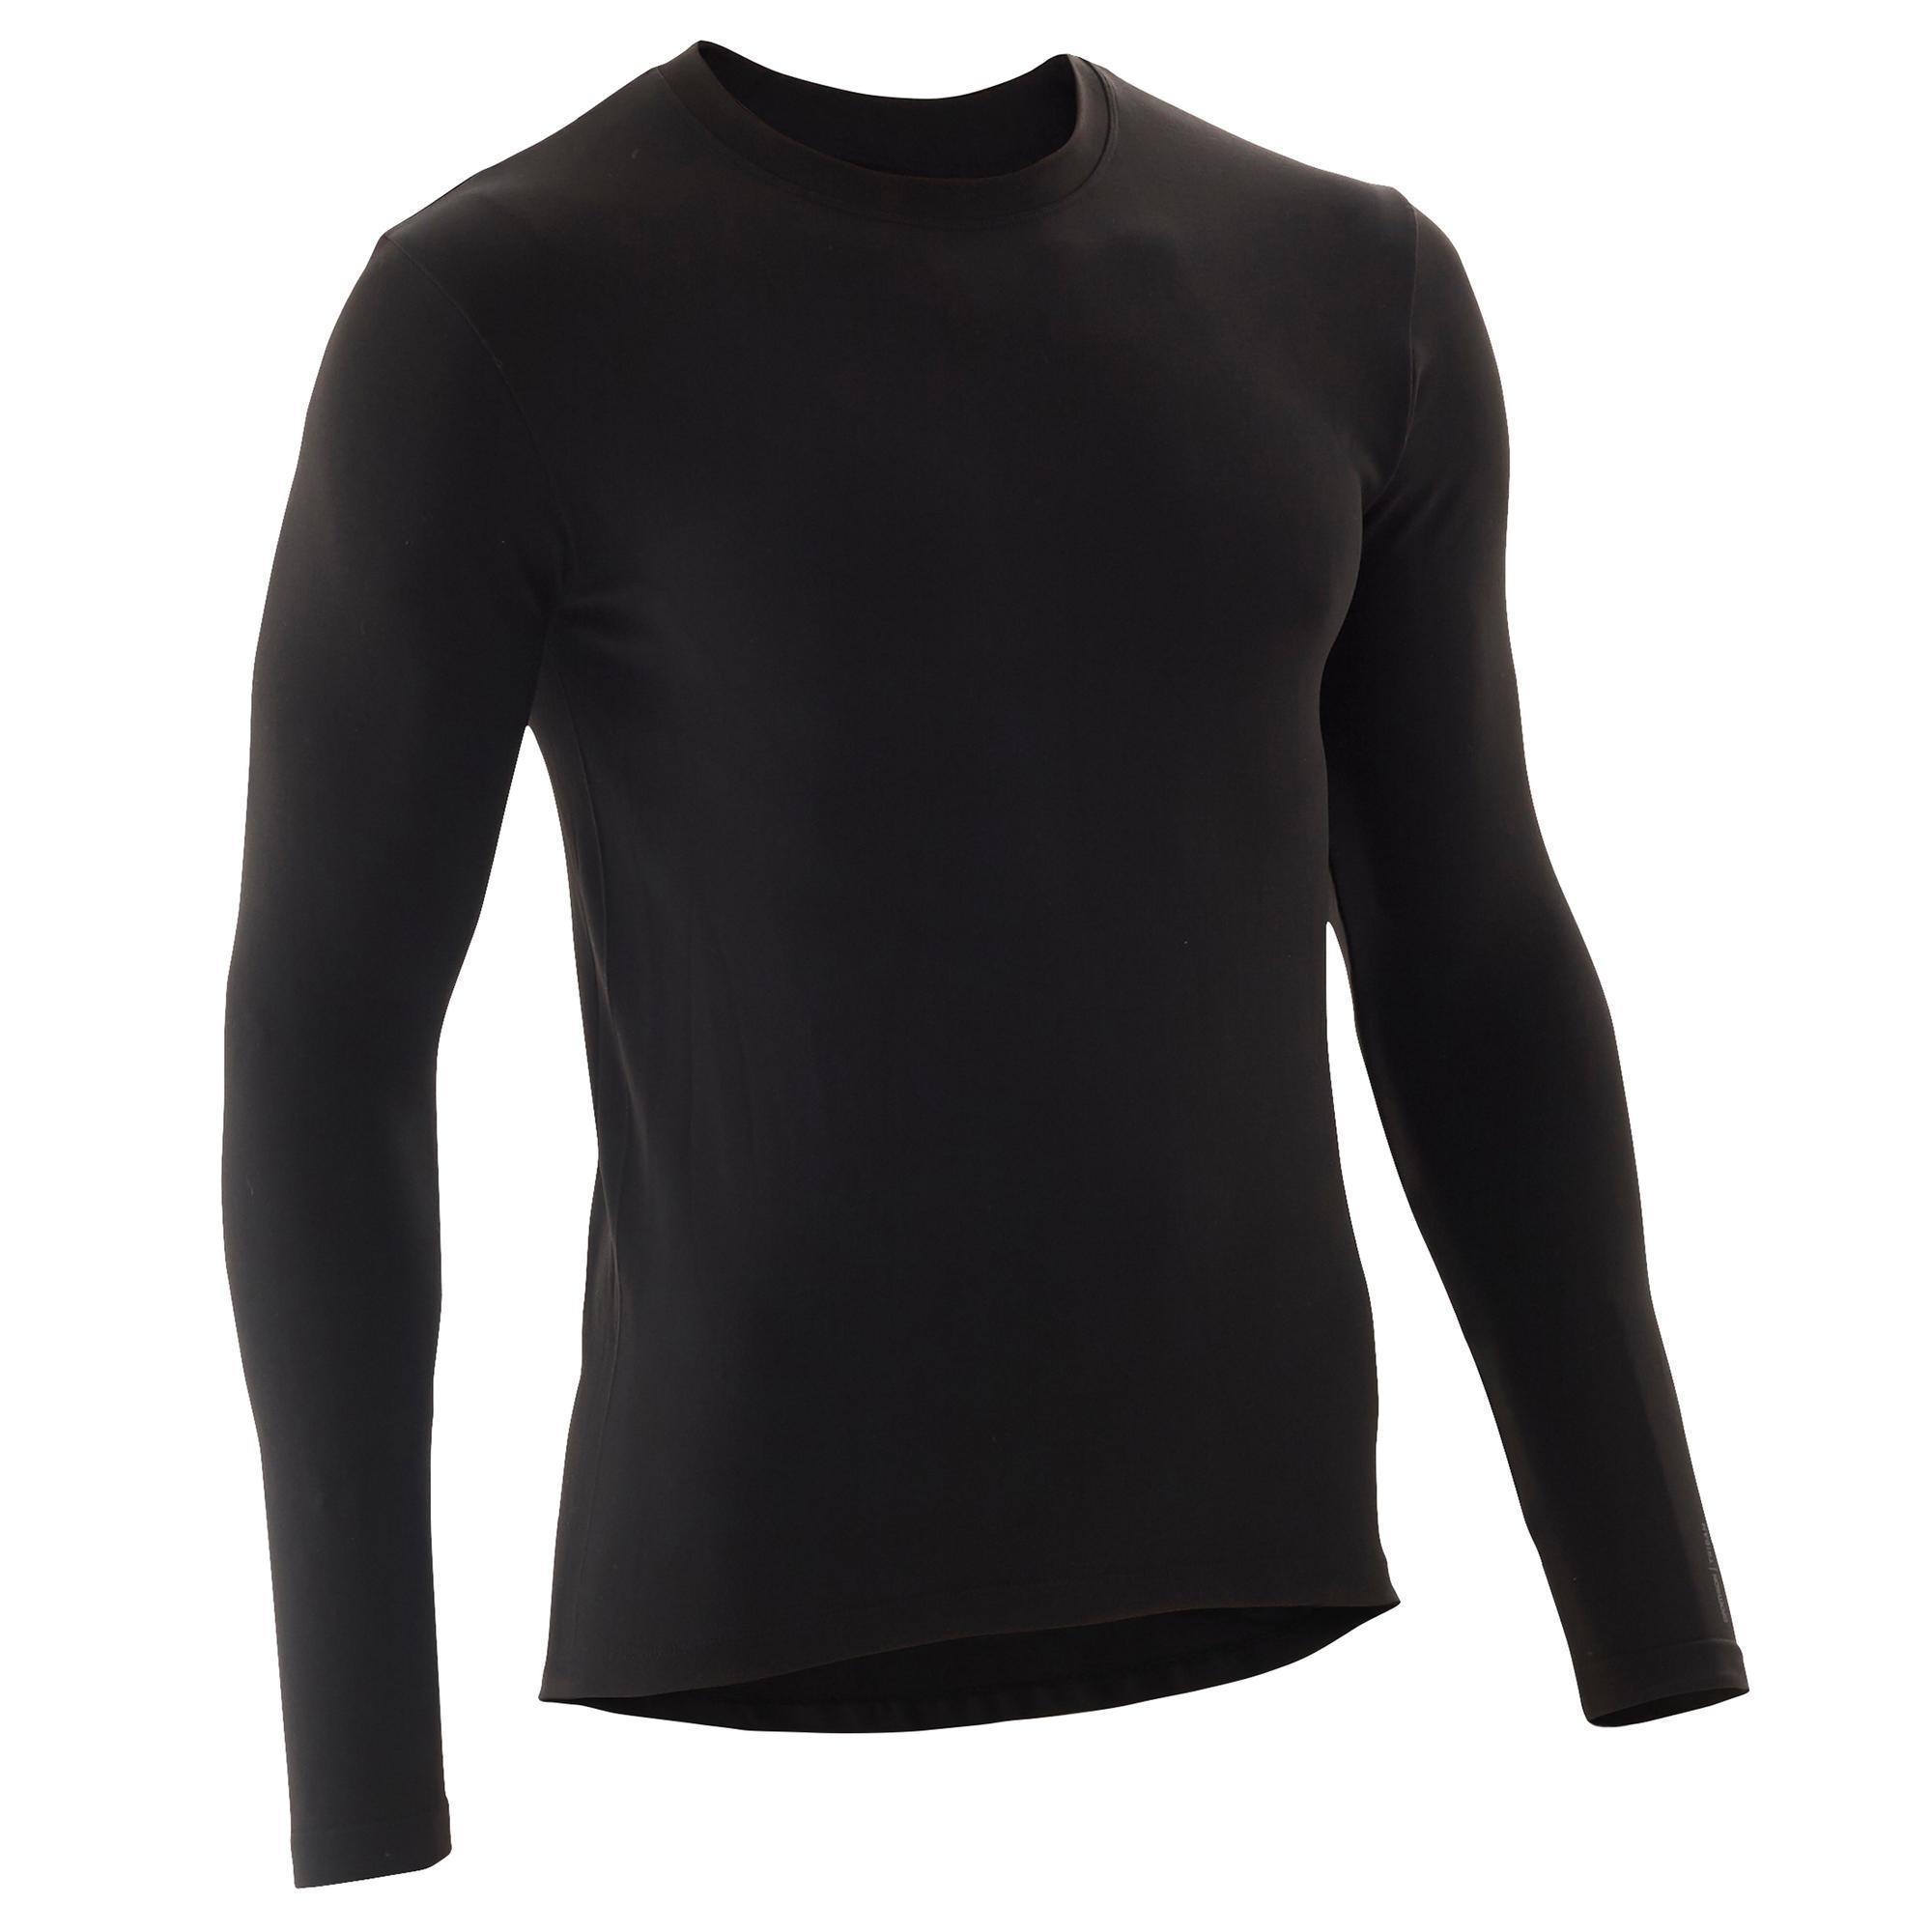 B'twin Fietsondershirt met lange mouwen 100 zwart